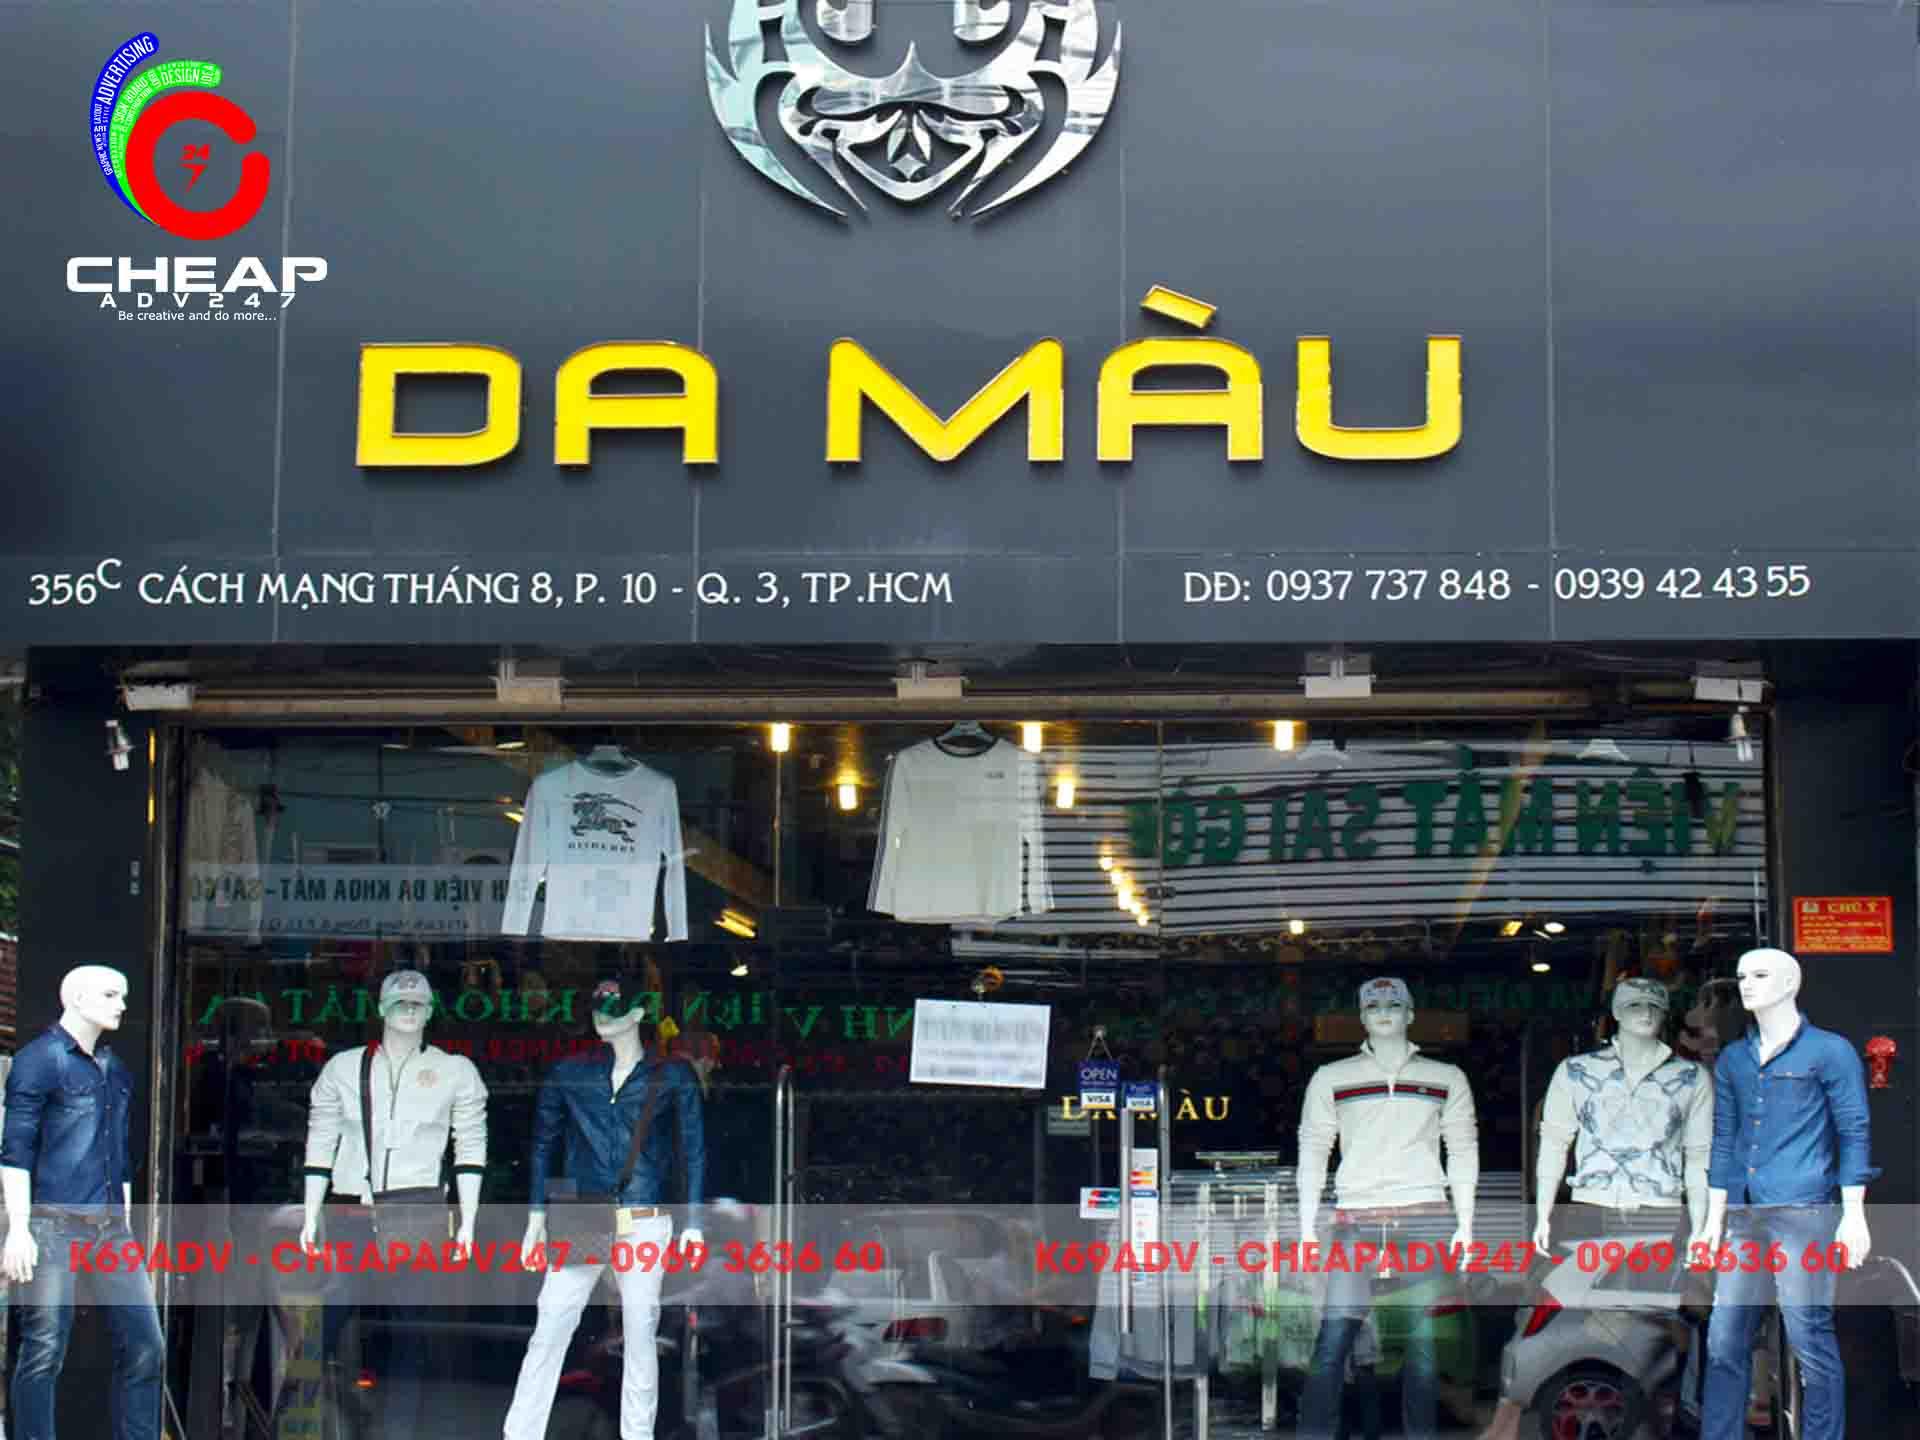 lam bang hieu shop thoi trang cheapadv247 04